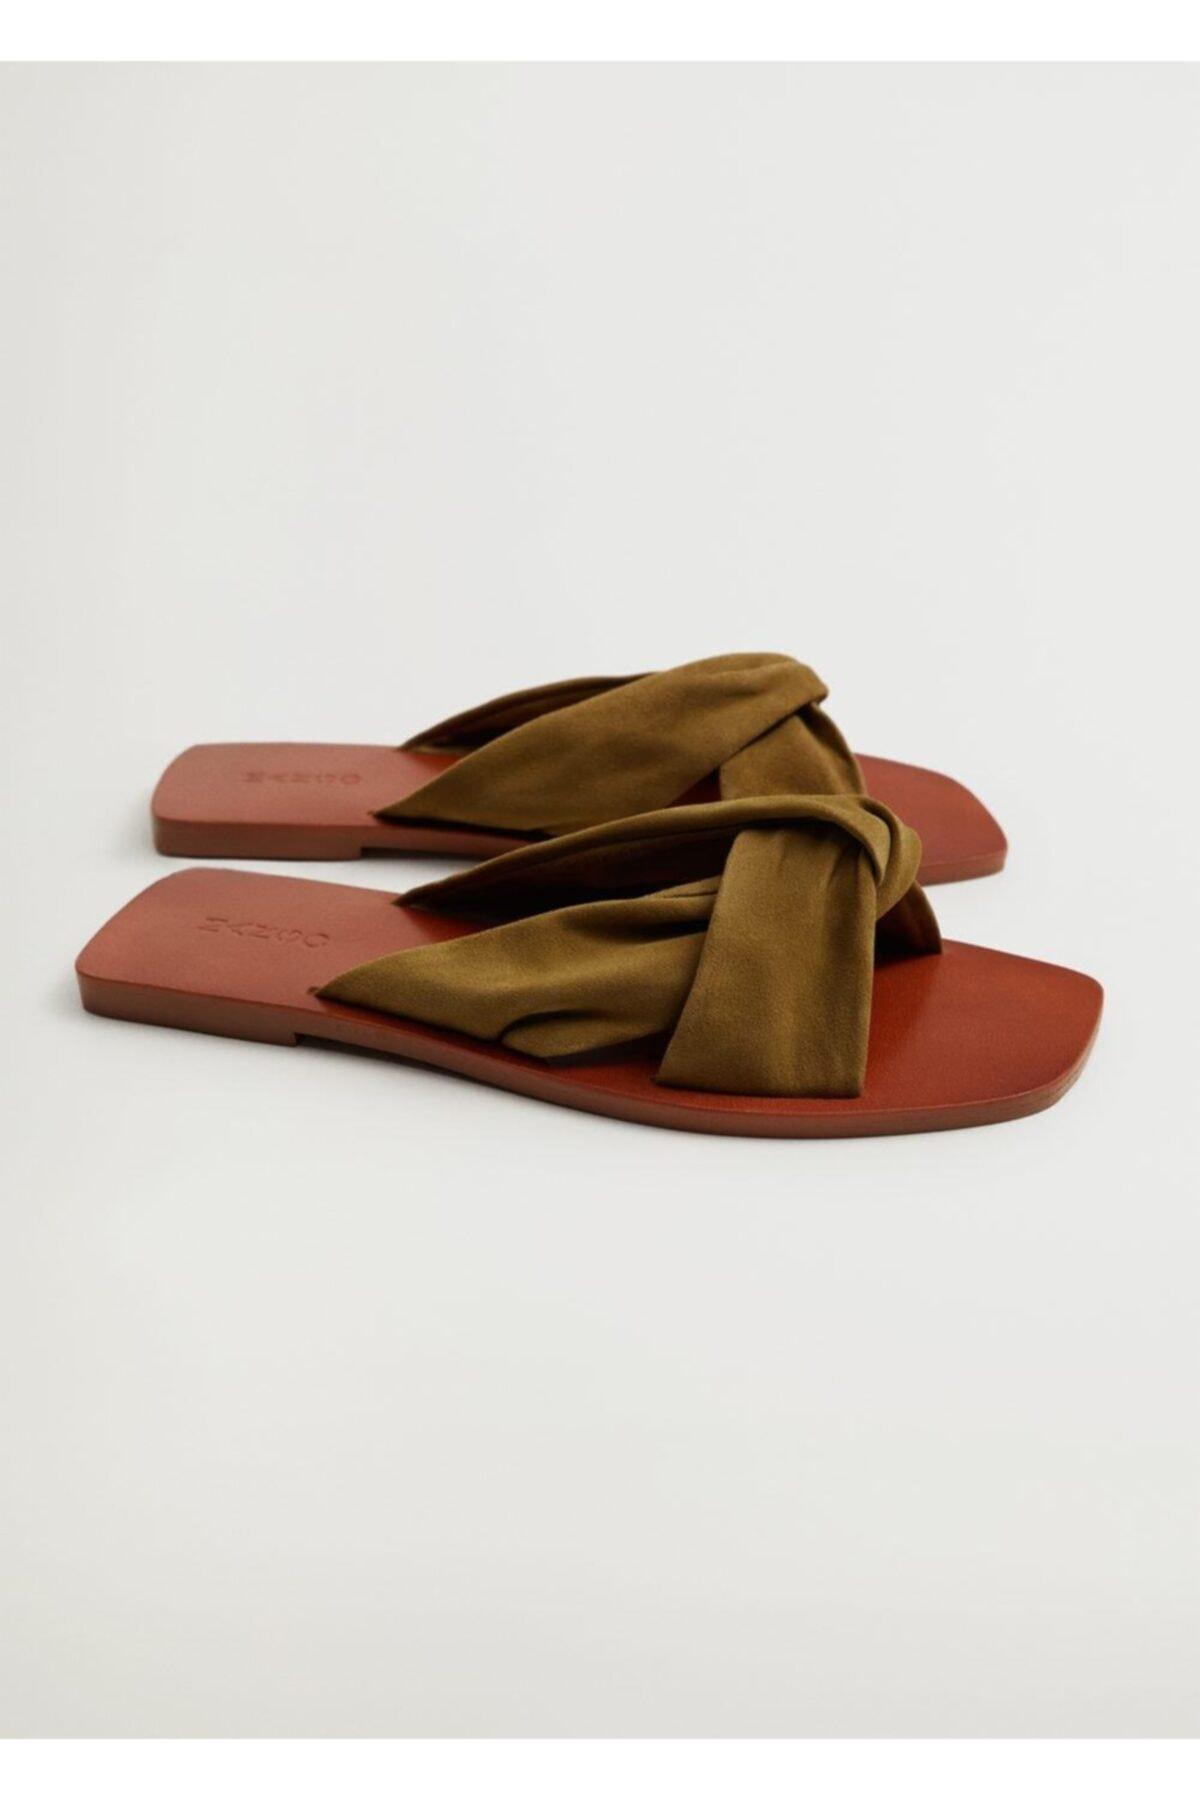 MANGO Woman Kadın Haki Deri Bantlı Sandalet 1